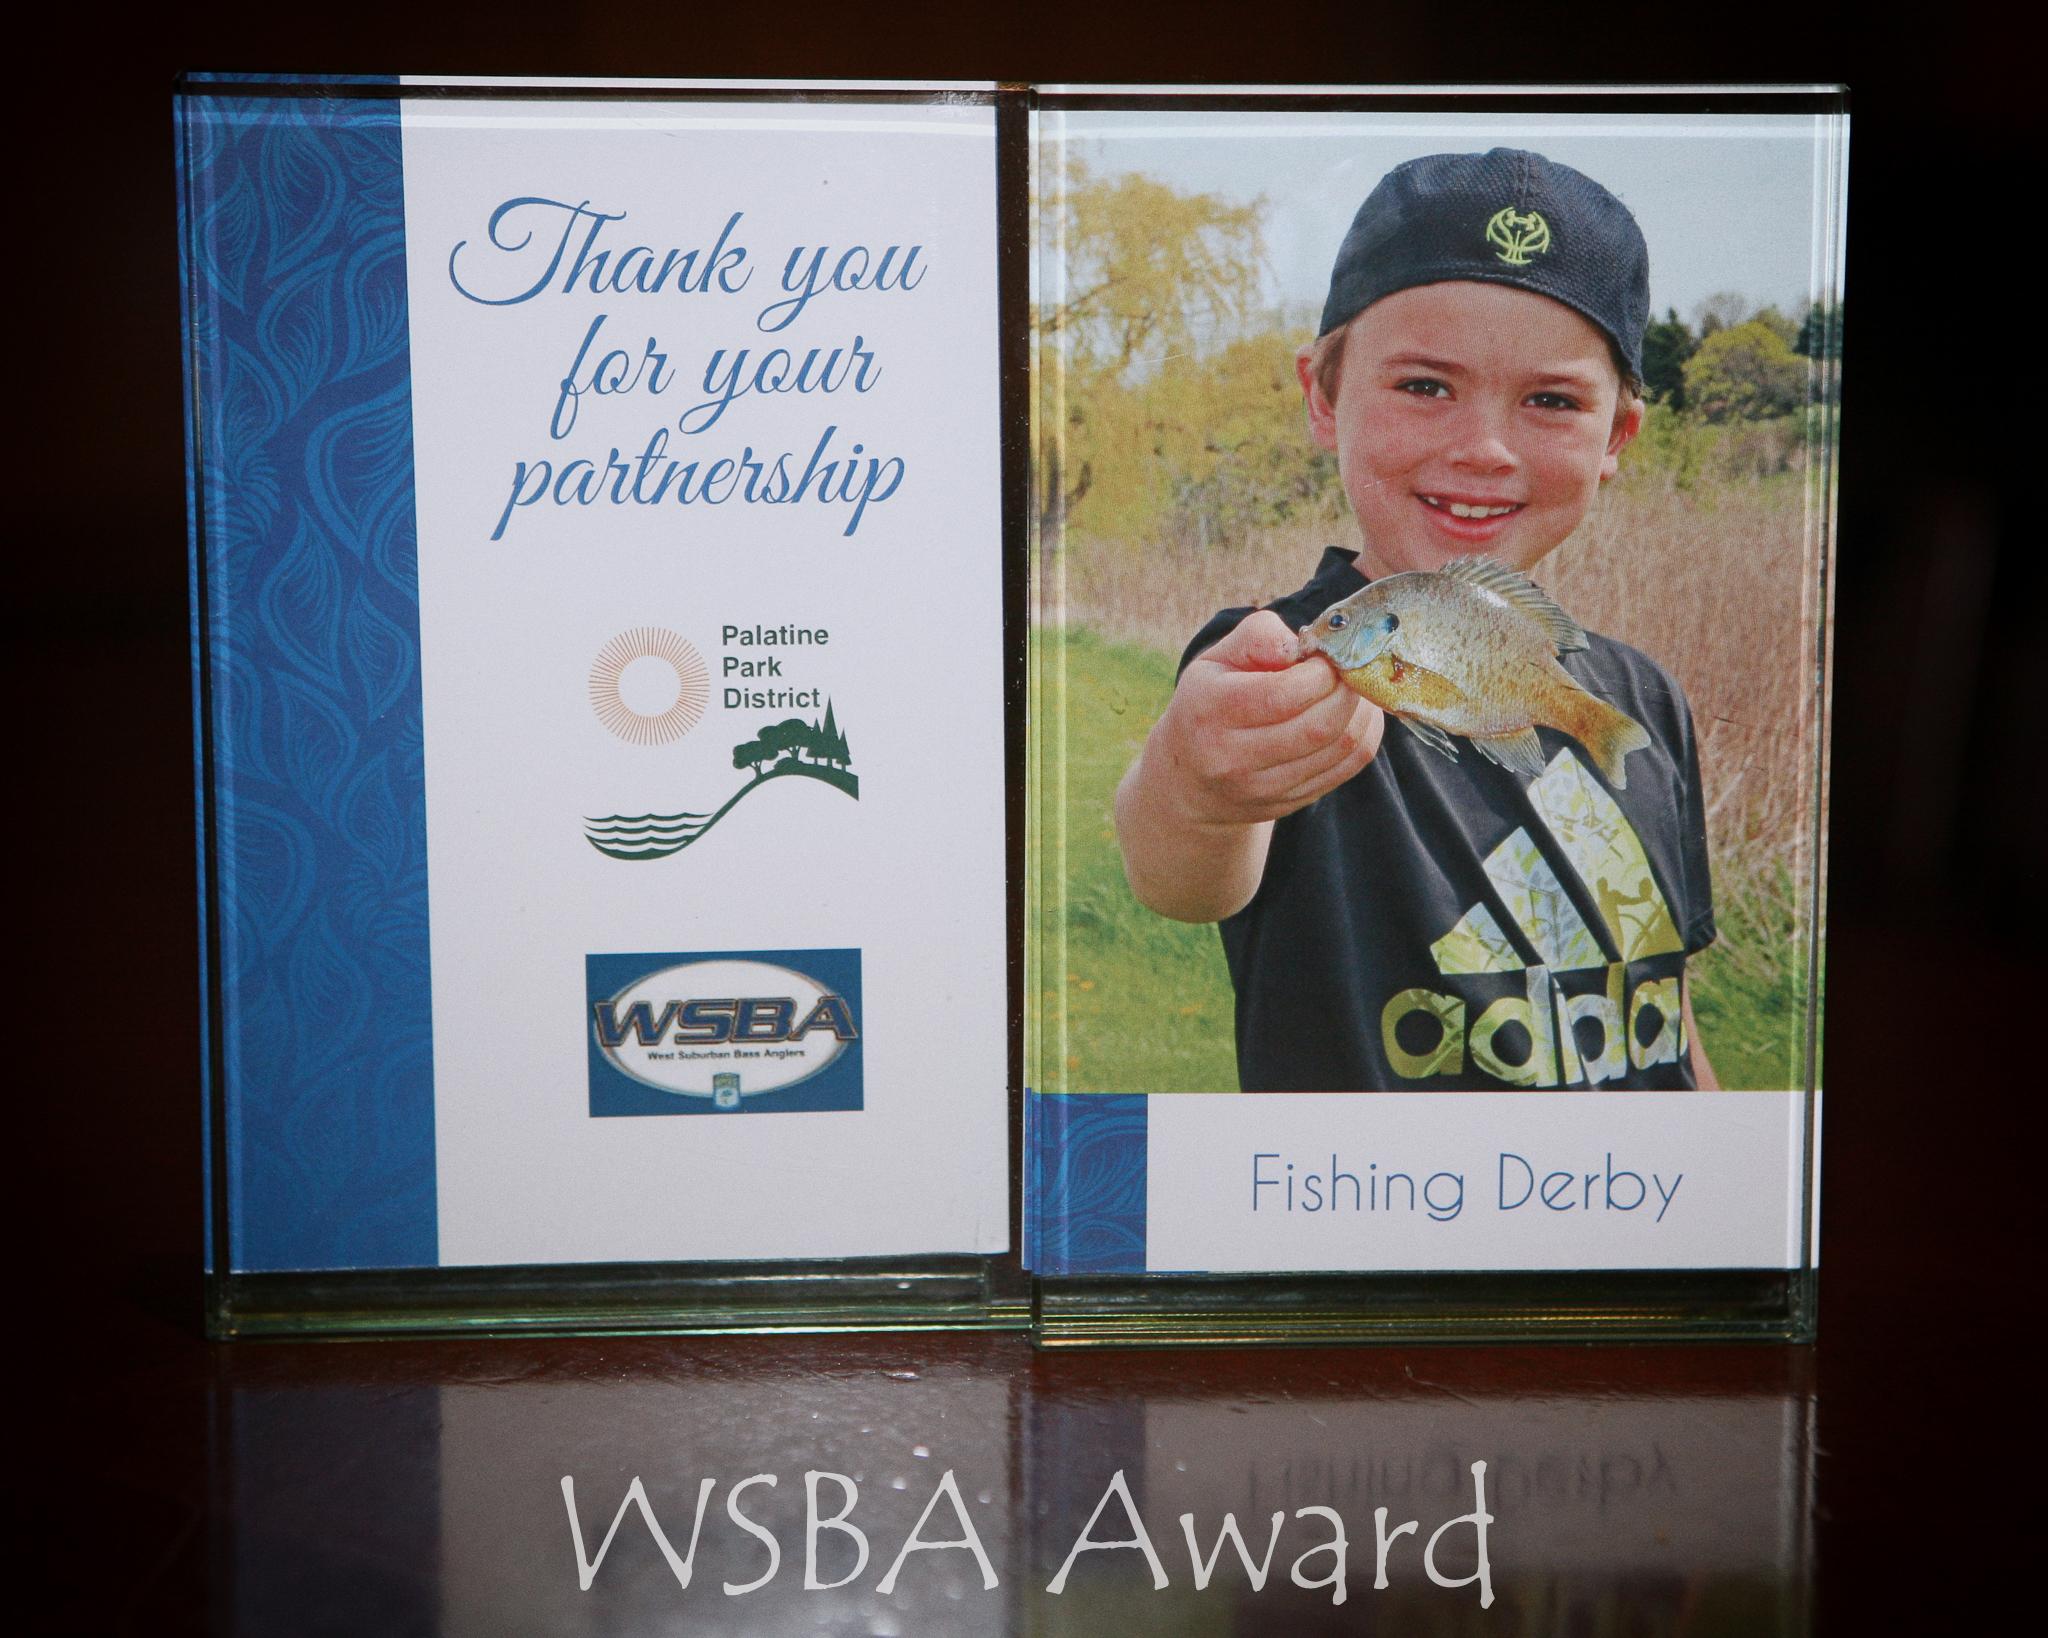 WSBA award